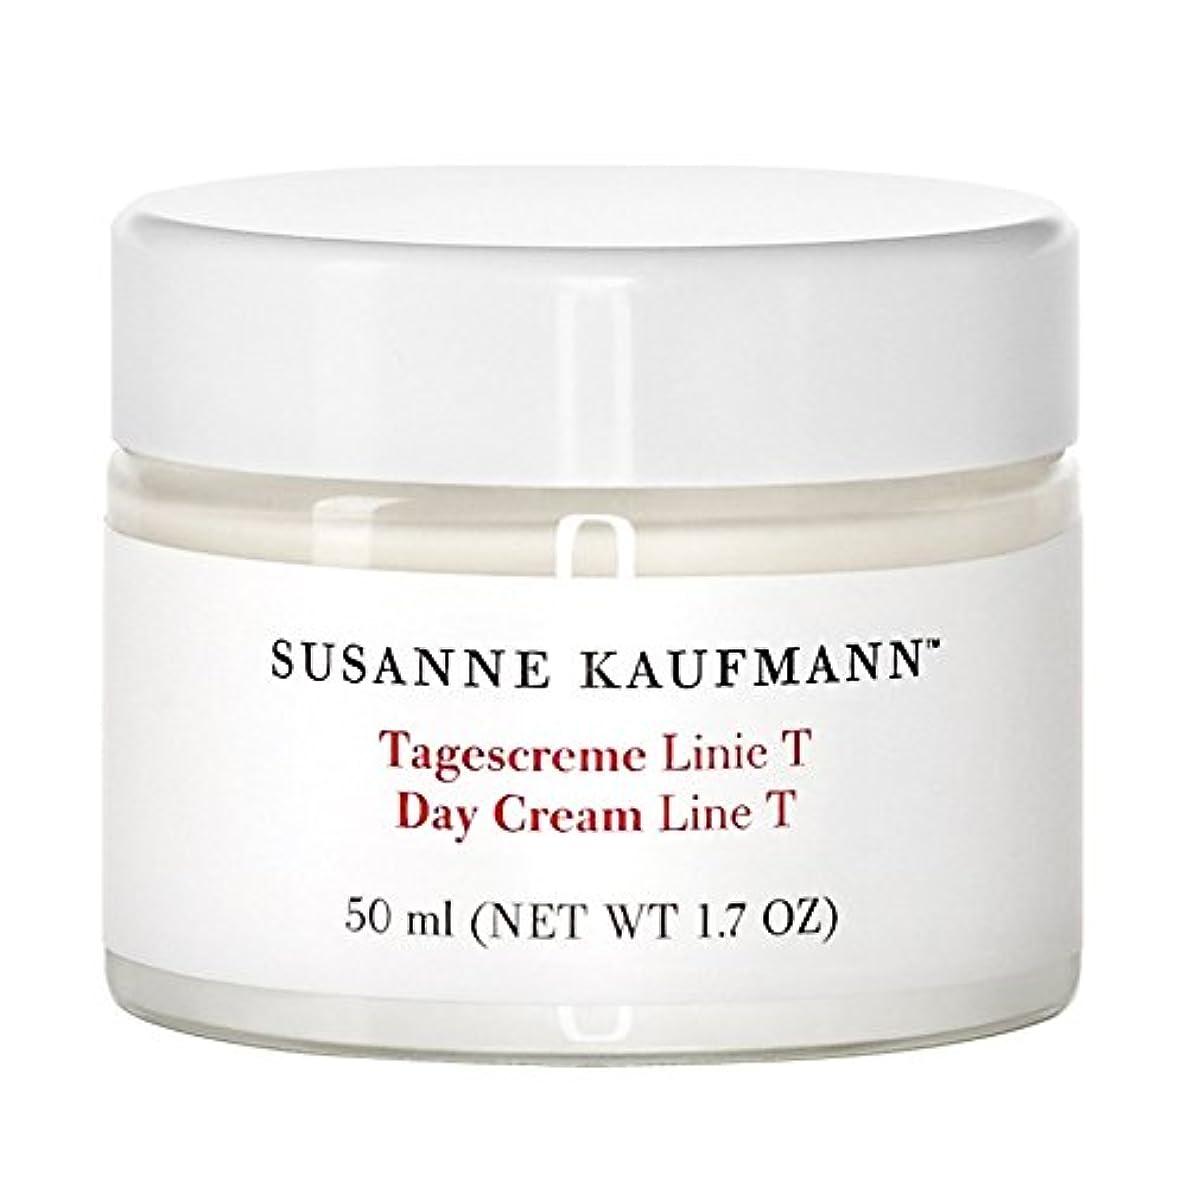 批評黙広告スザンヌカウフマン日クリームライントンの50ミリリットル x2 - Susanne Kaufmann Day Cream Line T 50ml (Pack of 2) [並行輸入品]